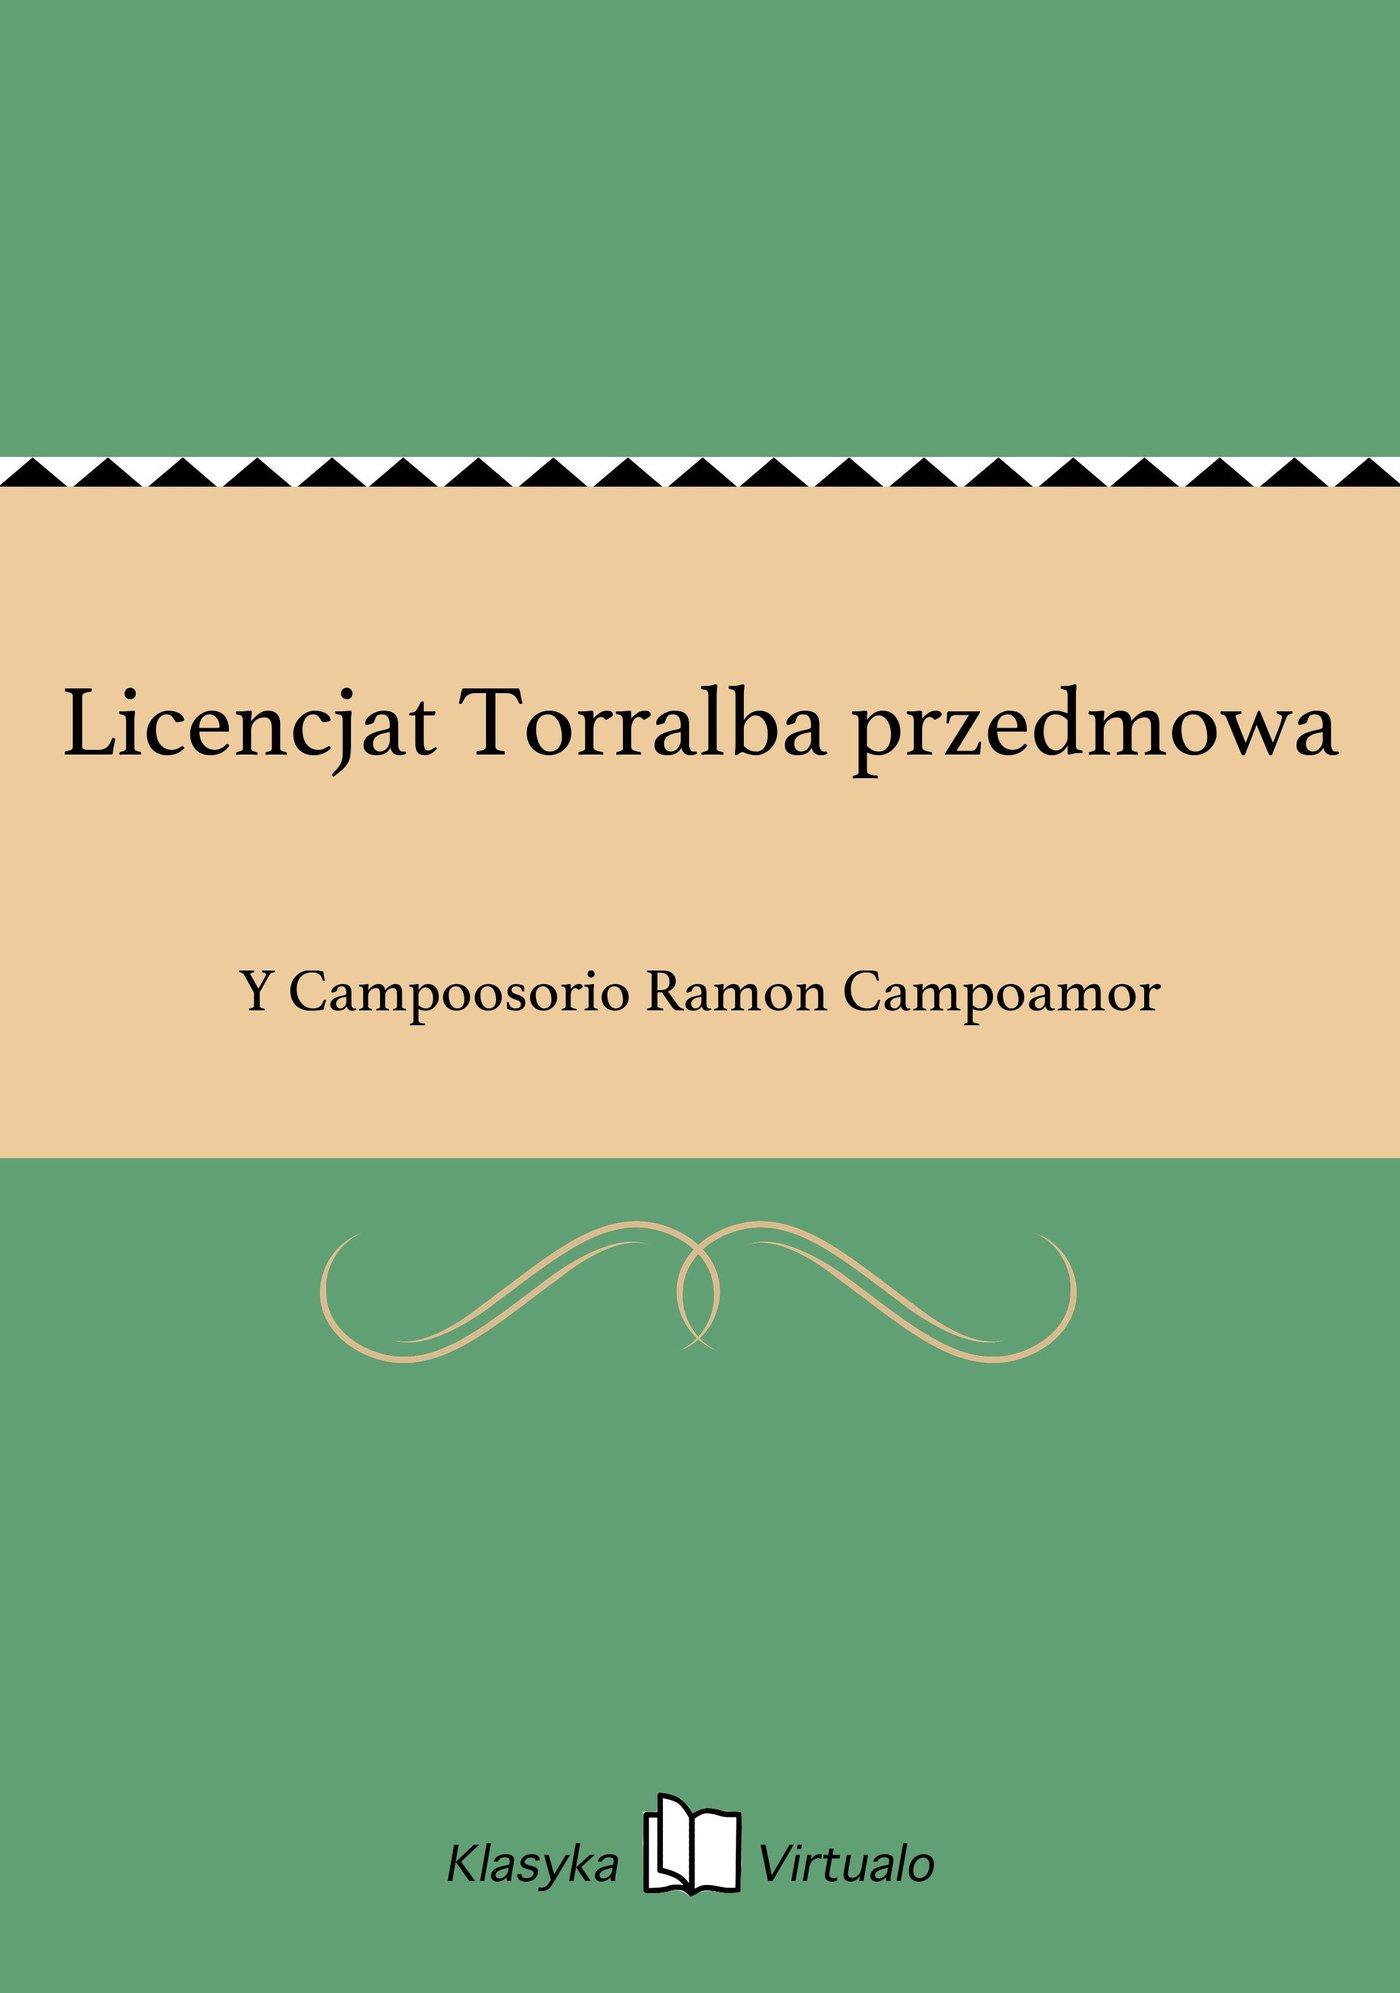 Licencjat Torralba przedmowa - Ebook (Książka EPUB) do pobrania w formacie EPUB